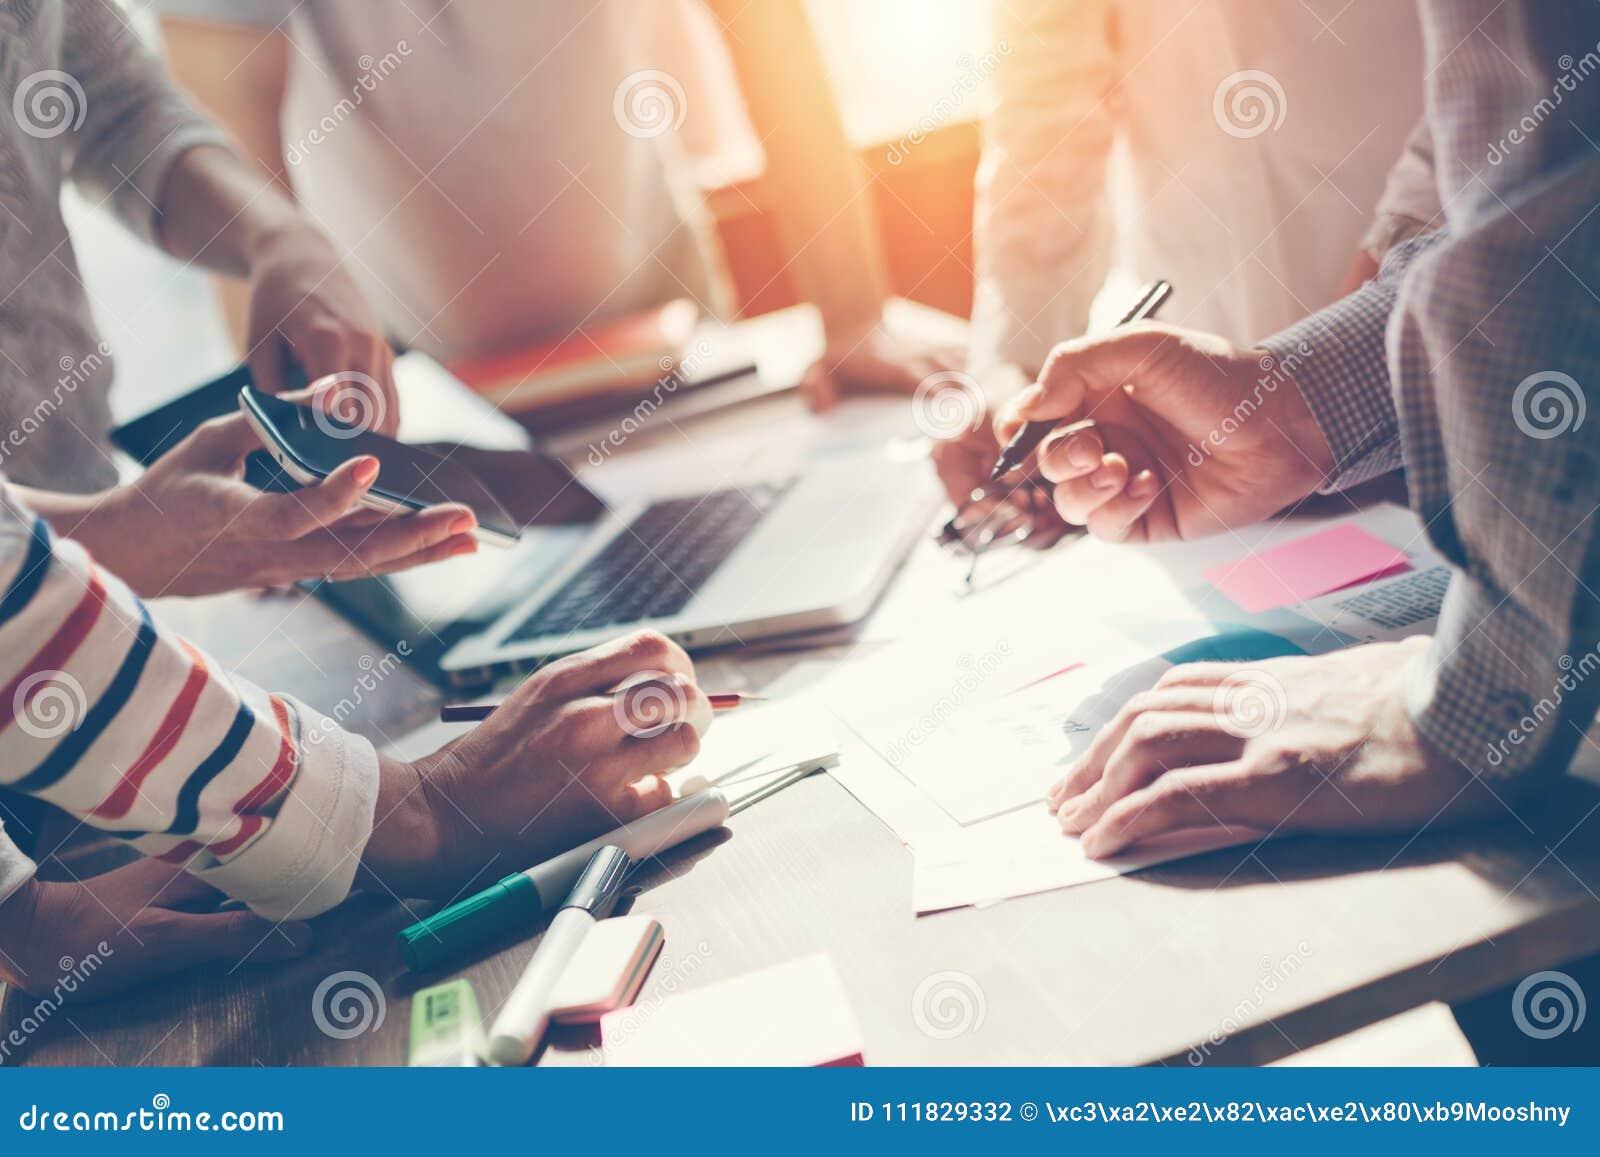 队工作过程 销售方针激发灵感 文书工作和数字式在露天场所